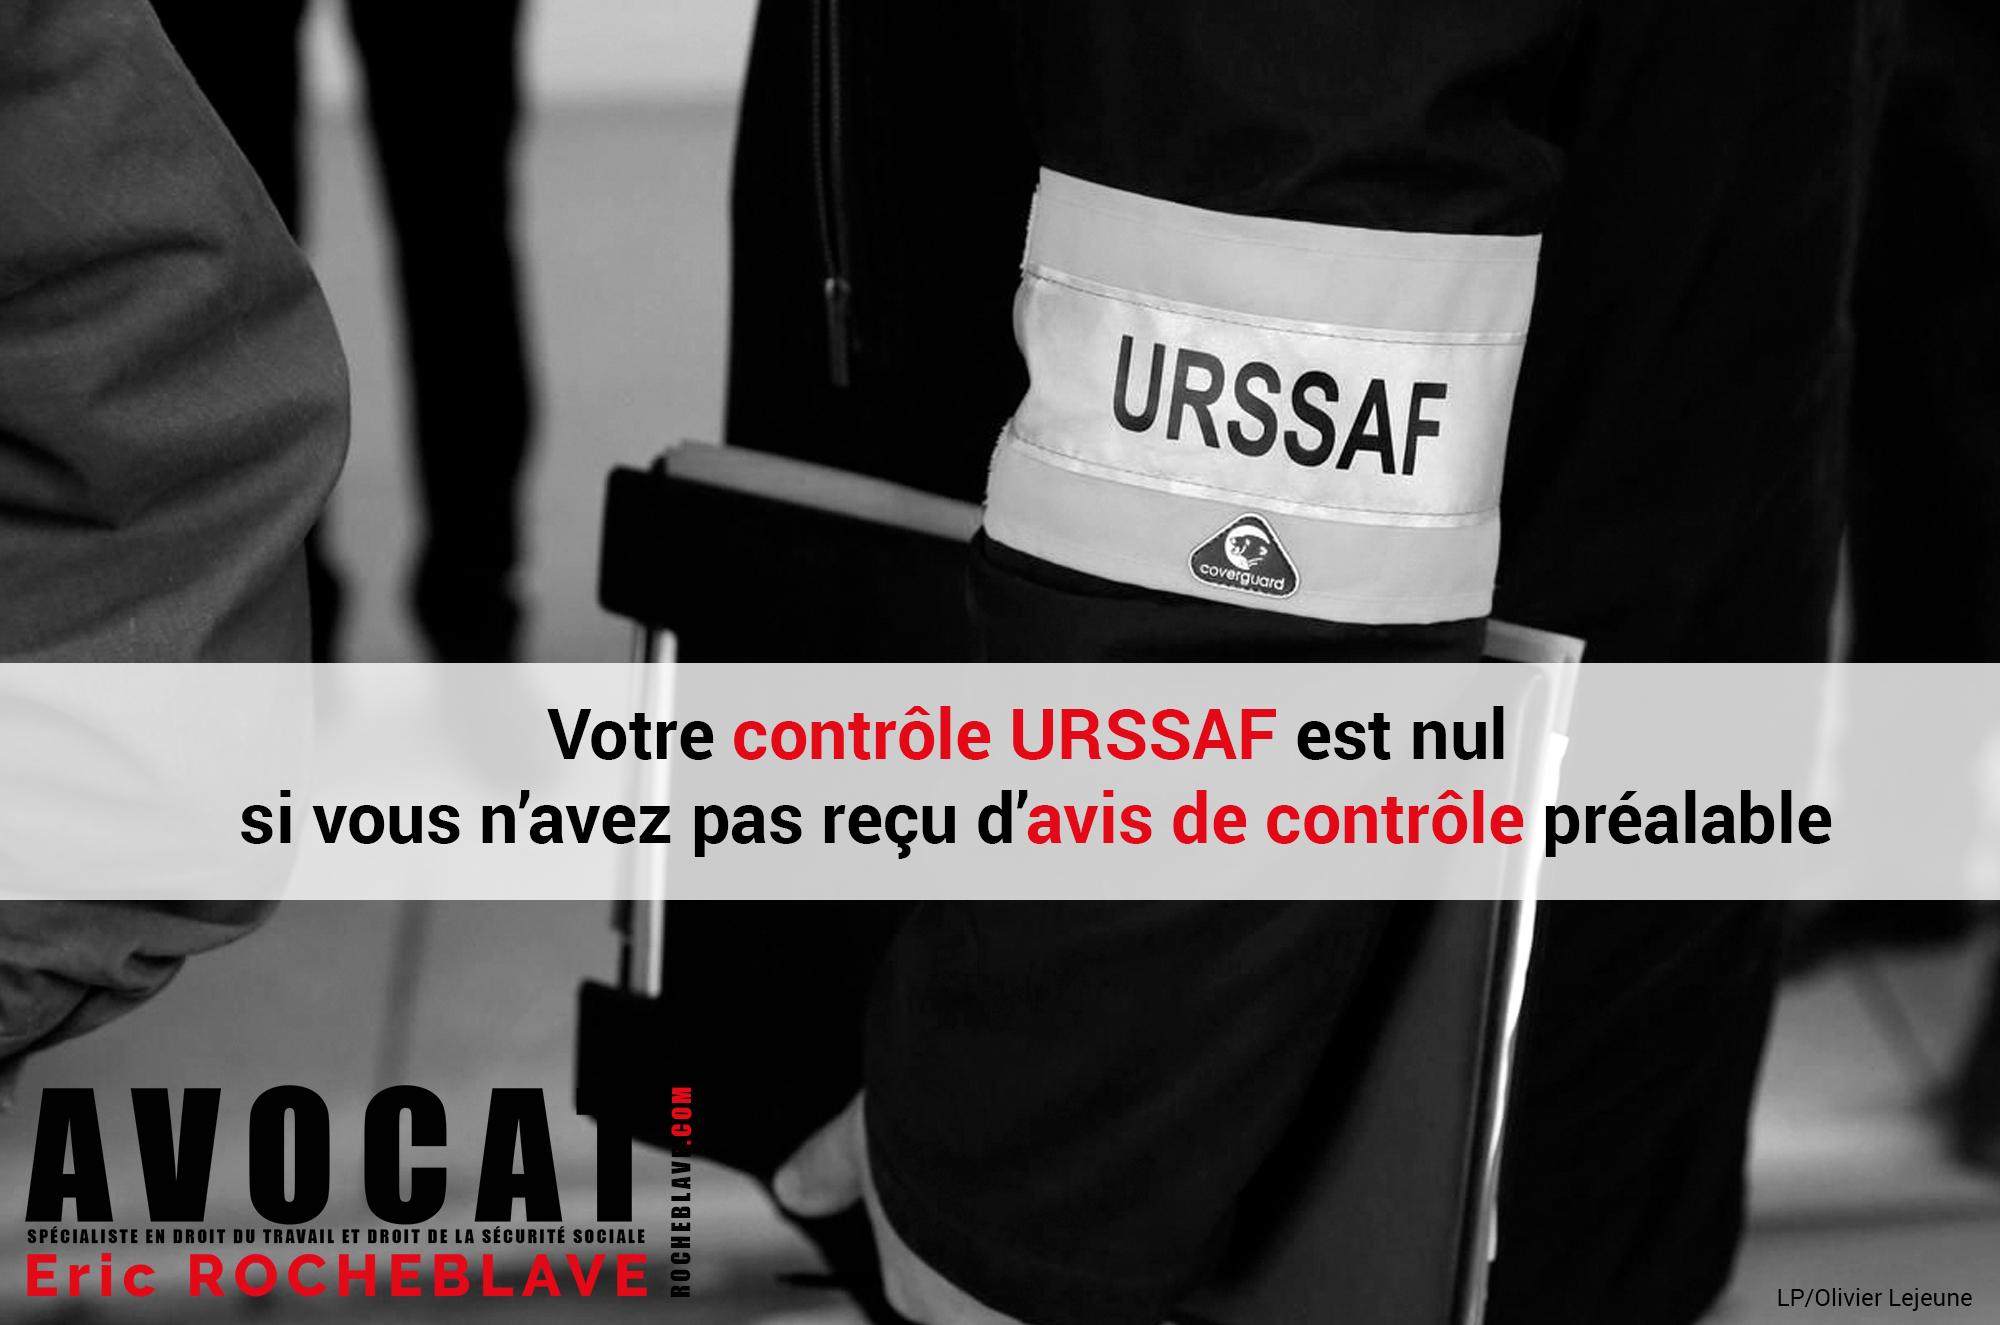 Votre contrôle URSSAF est nul si vous n'avez pas reçu d'avis de contrôle préalable